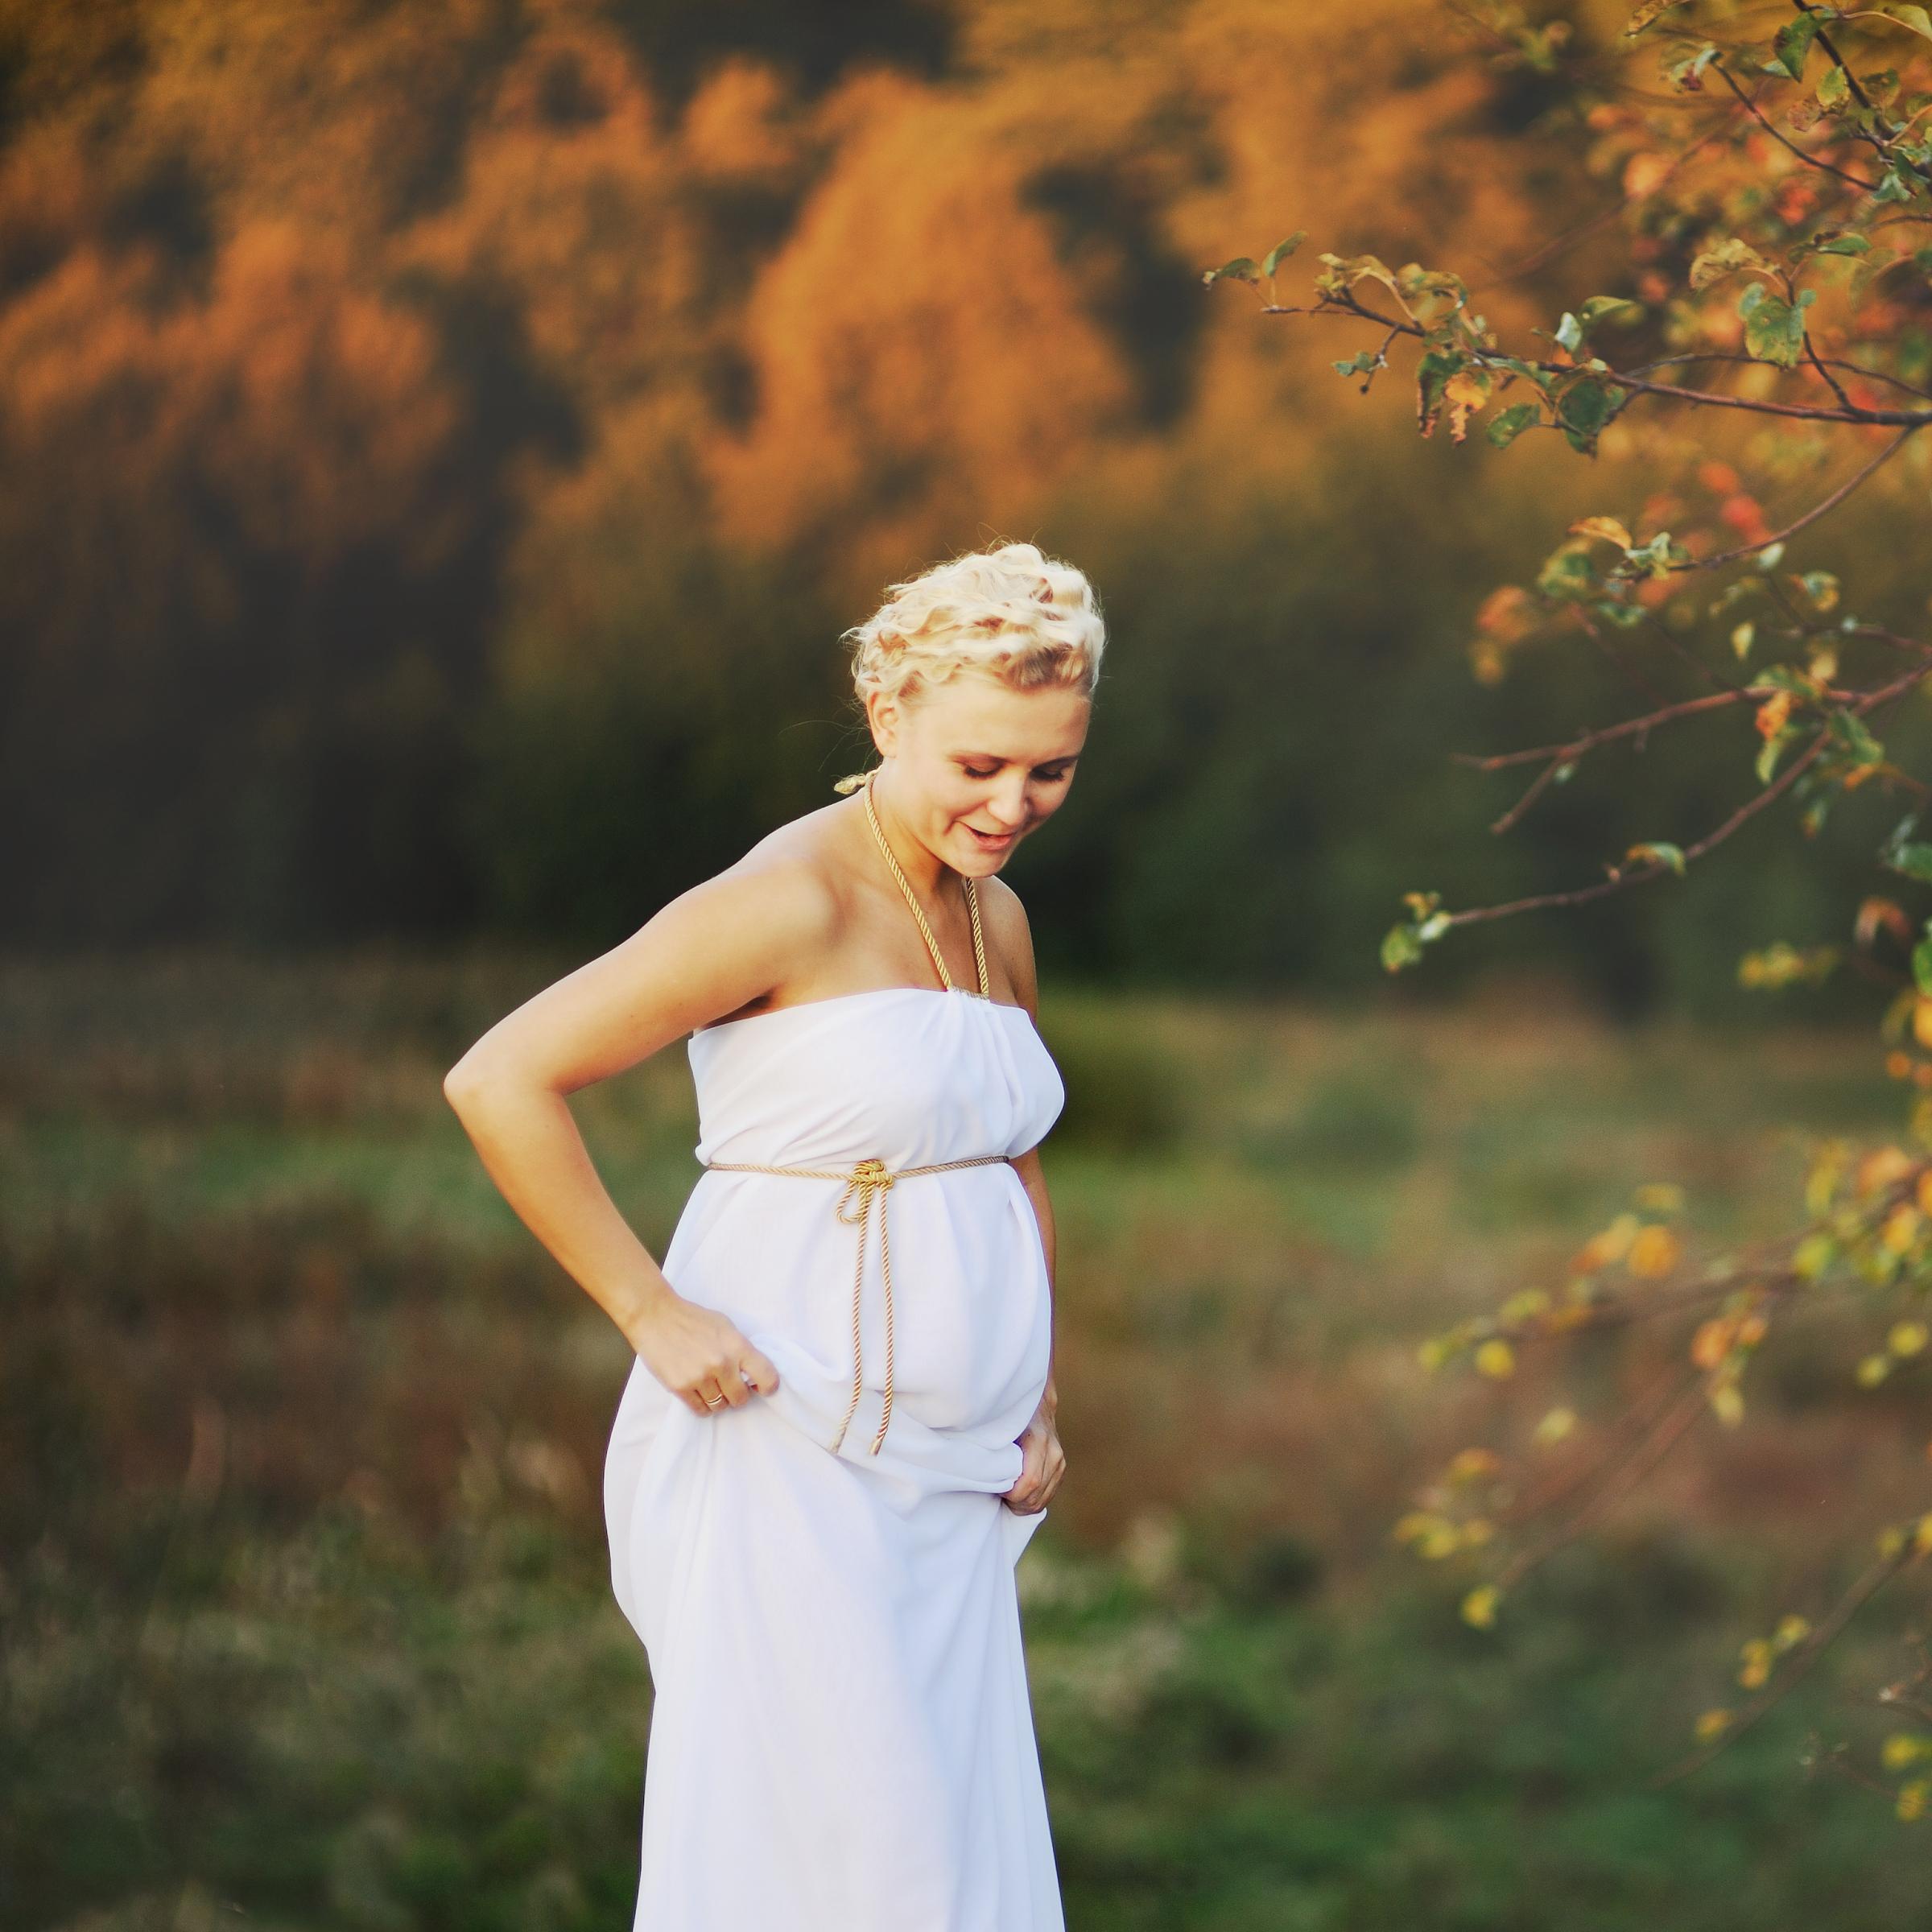 Prolattina alta in gravidanza: un approfondimento